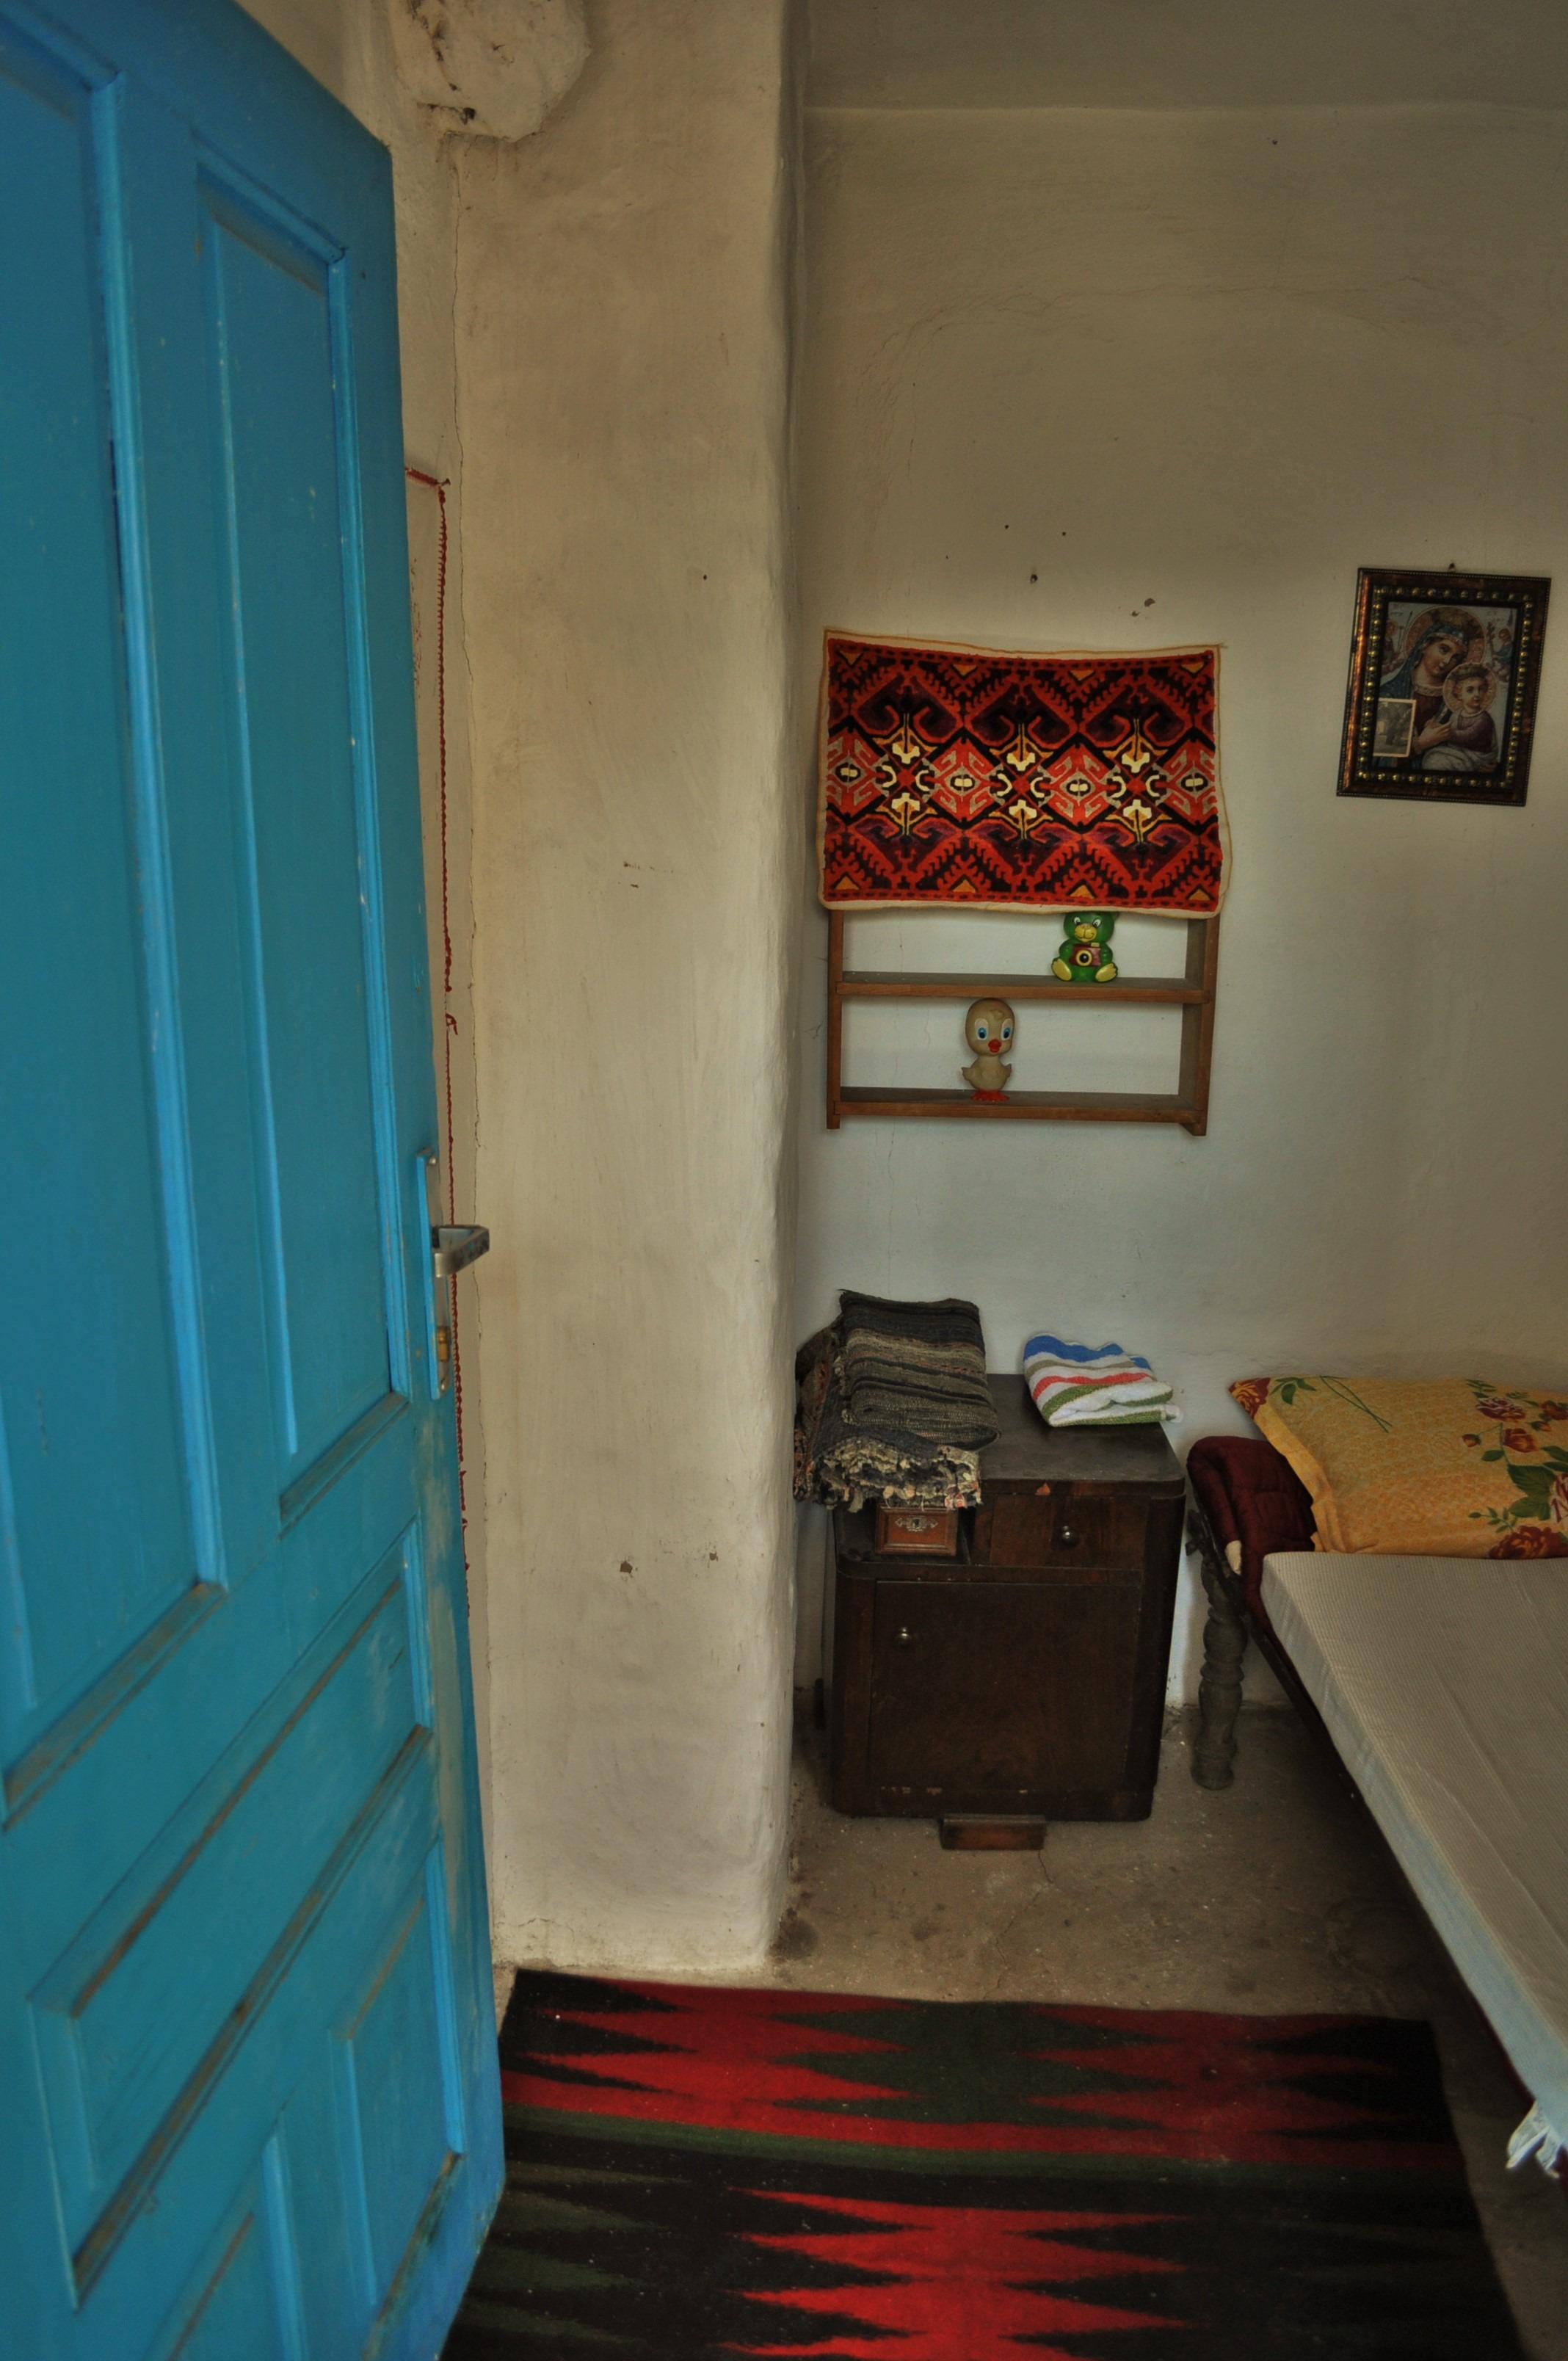 Известно време манастирът преживява разцвет, но отново потъва в разруха. През 2007г. умира и последната игуменка, Жителите от околните села обаче не го изостават. Сега тук живее една тиха монахиня, но тя често отсъства и тогава е затворен за случайните посетители